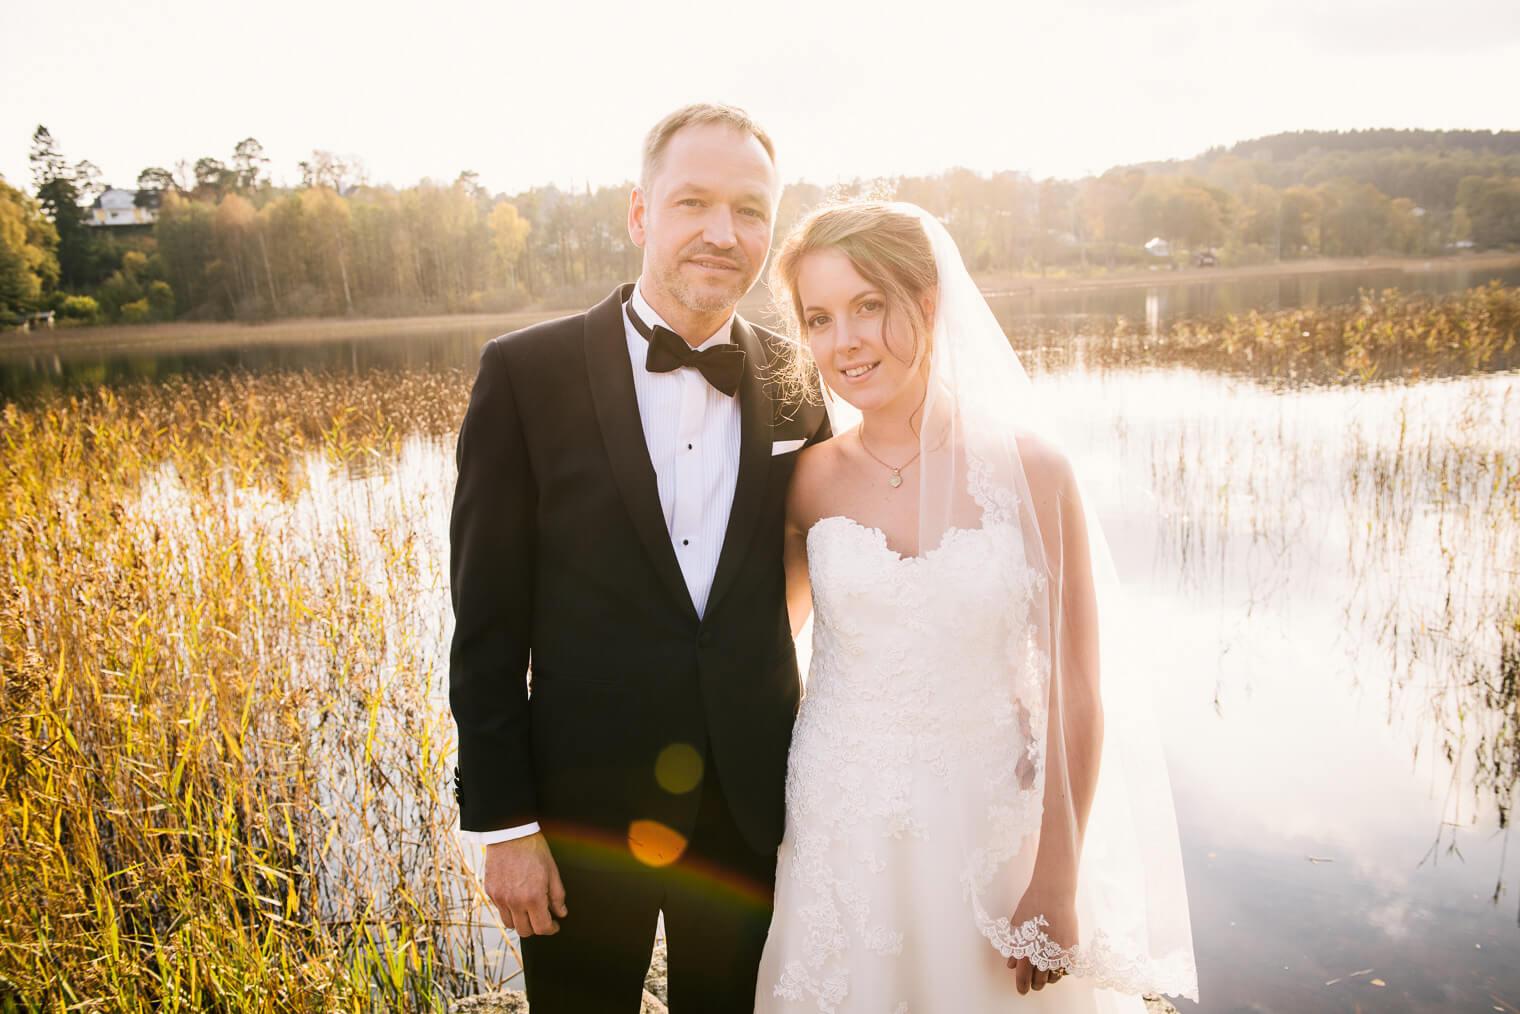 Höstbröllop med fotografering av brudparet vid Råda säteri